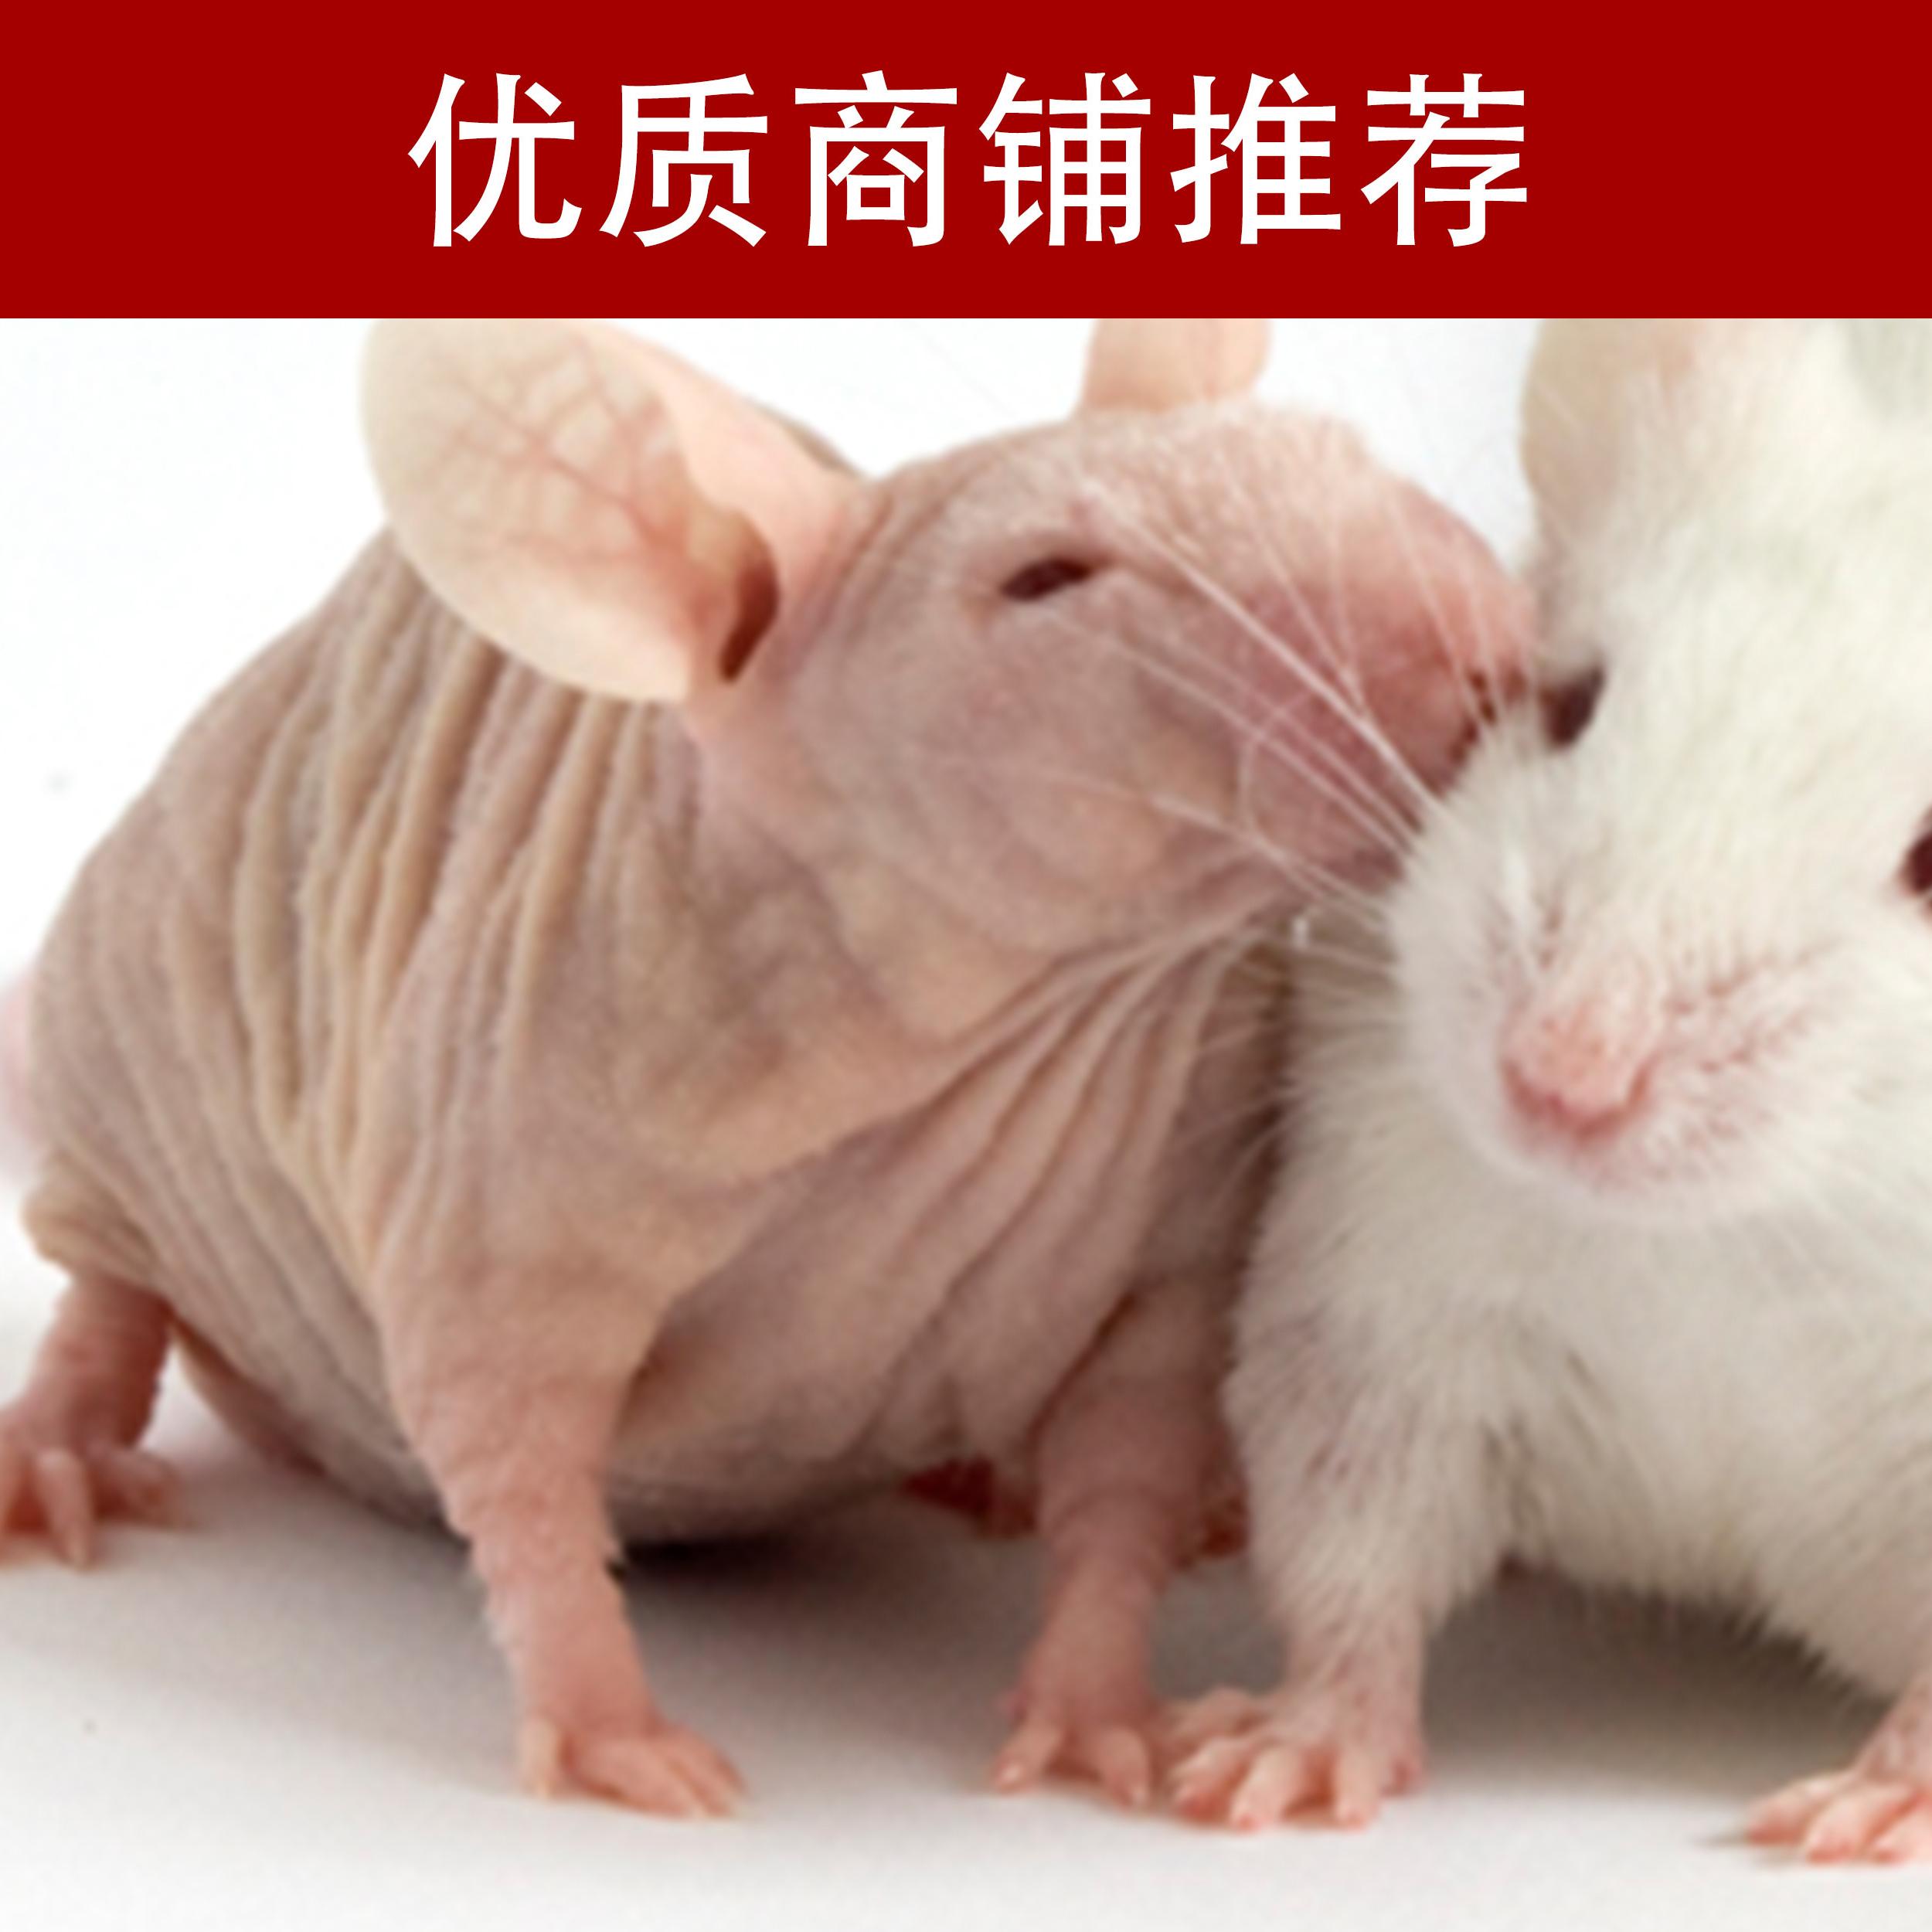 裸小鼠移植瘤实验